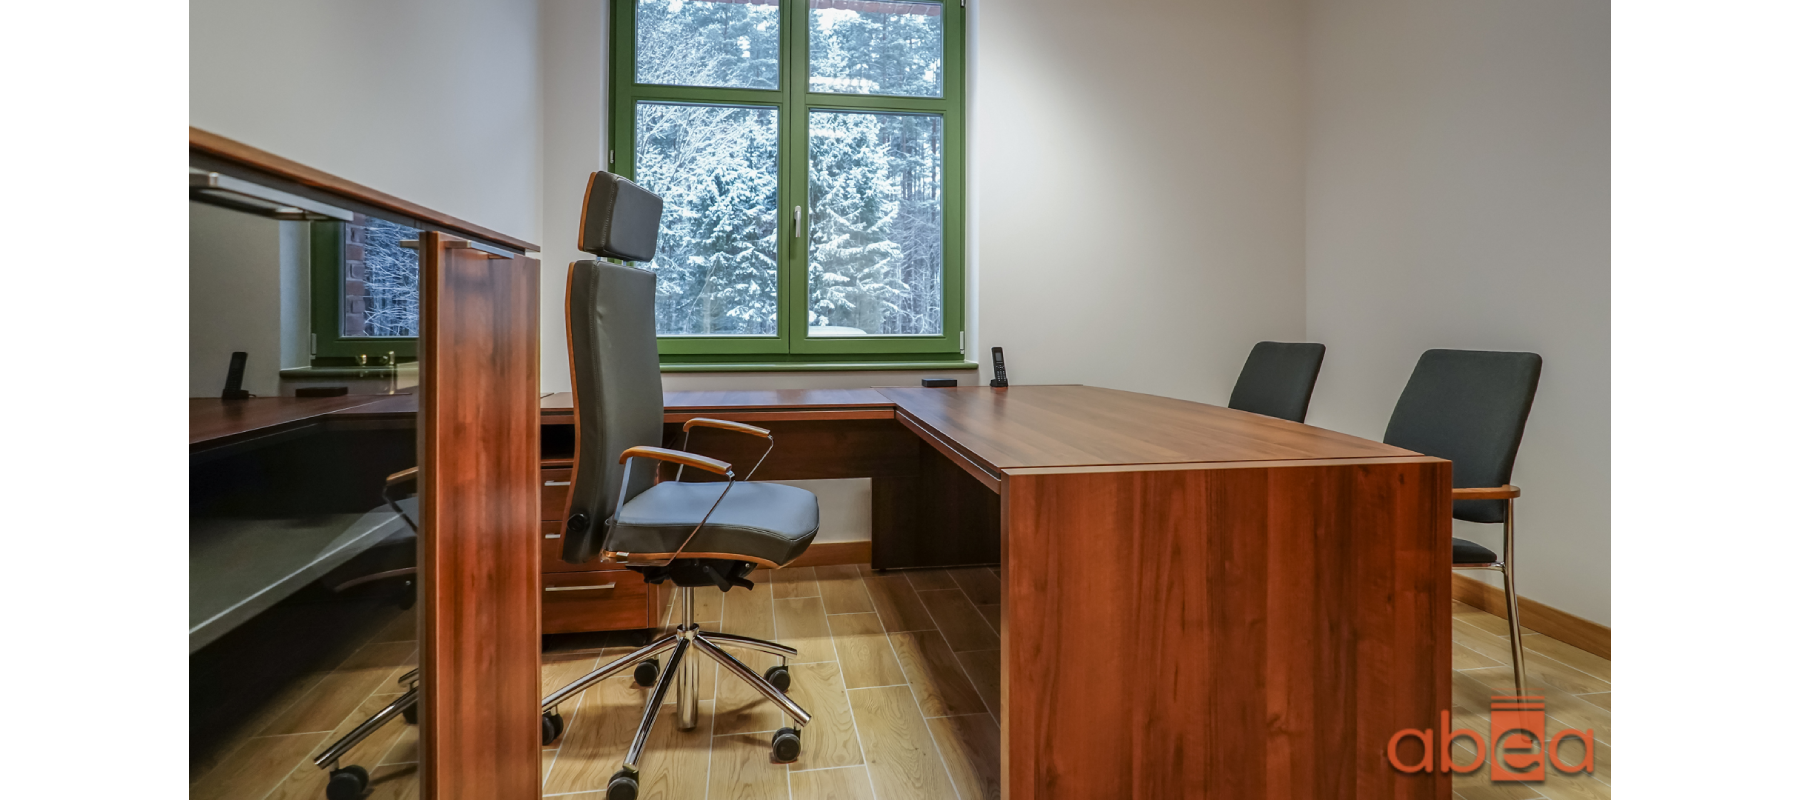 Projekt biurka do pracy